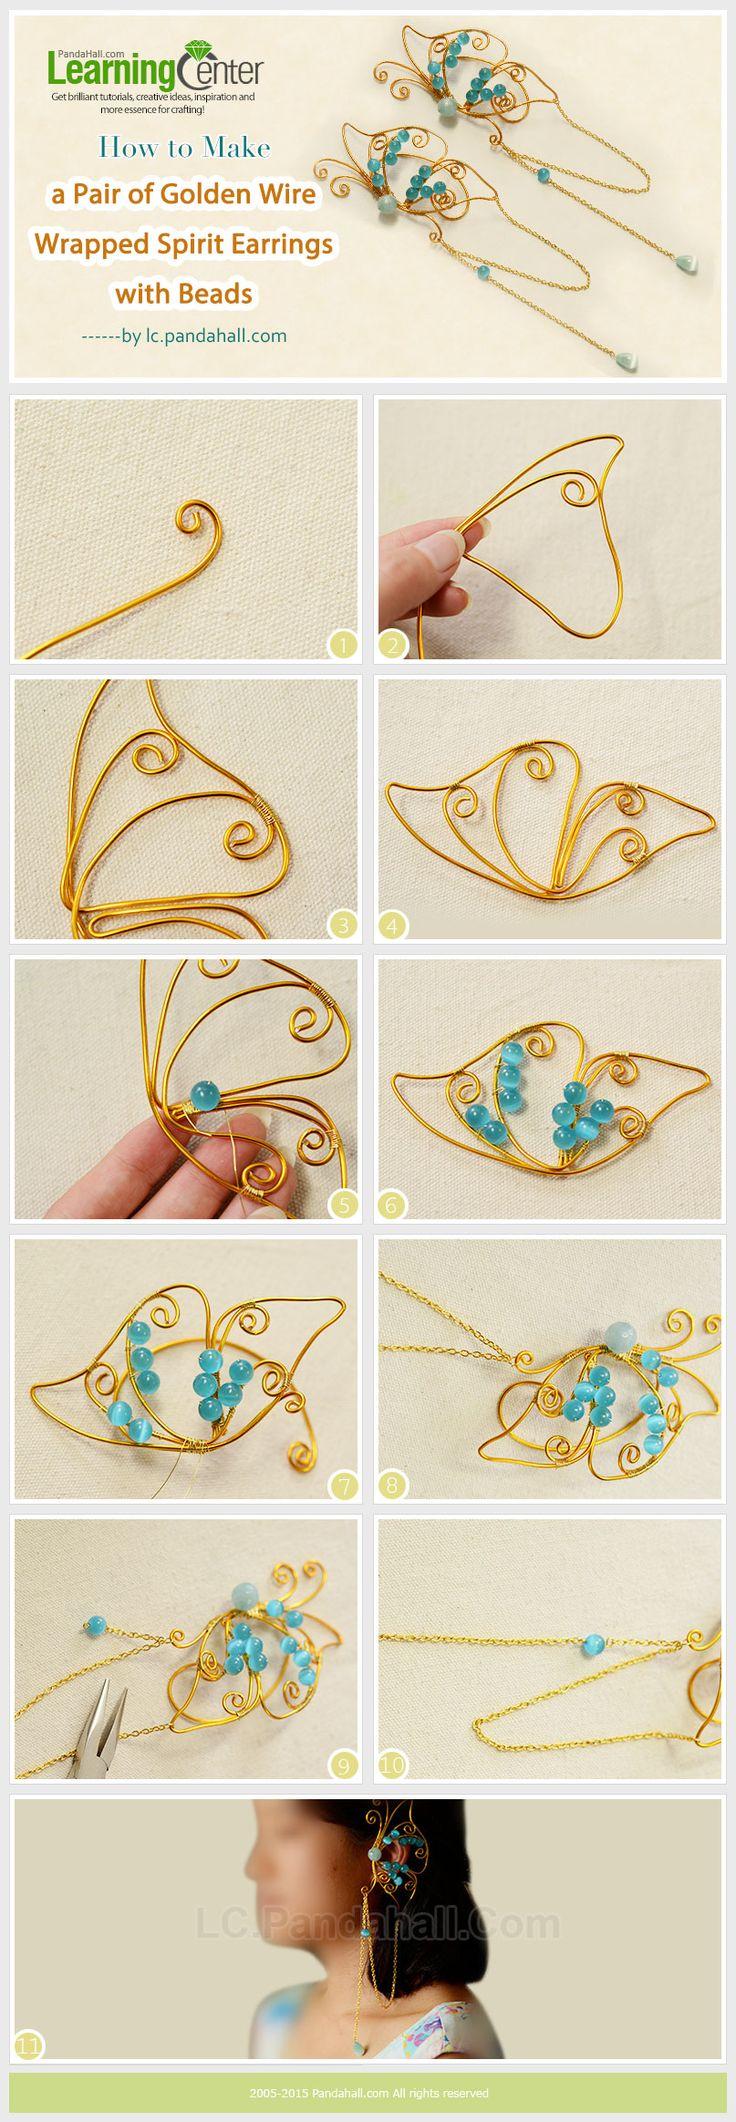 354 best Wirework Tutorials images on Pinterest | Wire jewelry, Wire ...